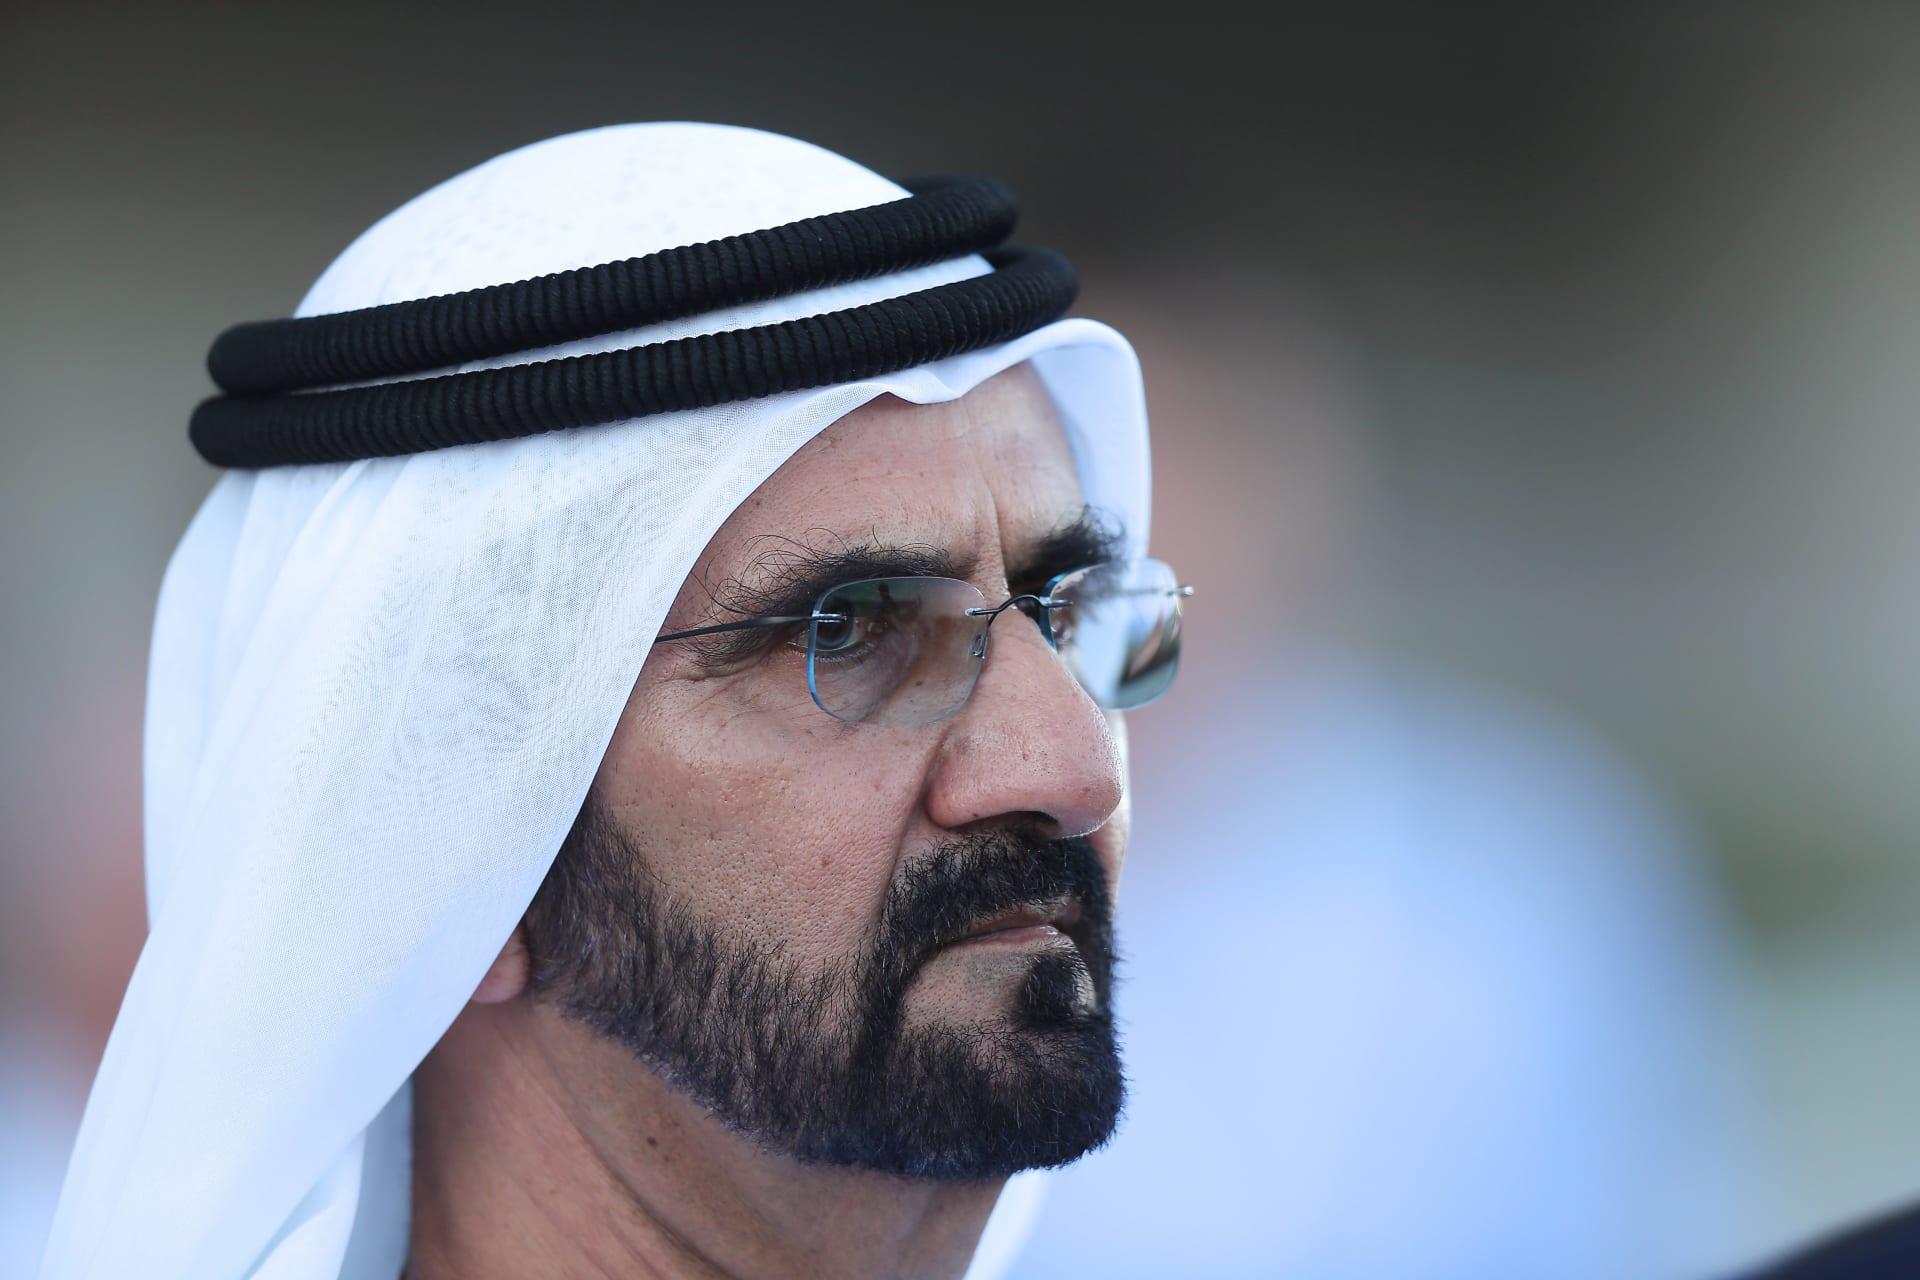 دبي تطلق 5 مبادرات لتعزيز النمو الاقتصادي وتوفير الوظائف.. تعرف عليها